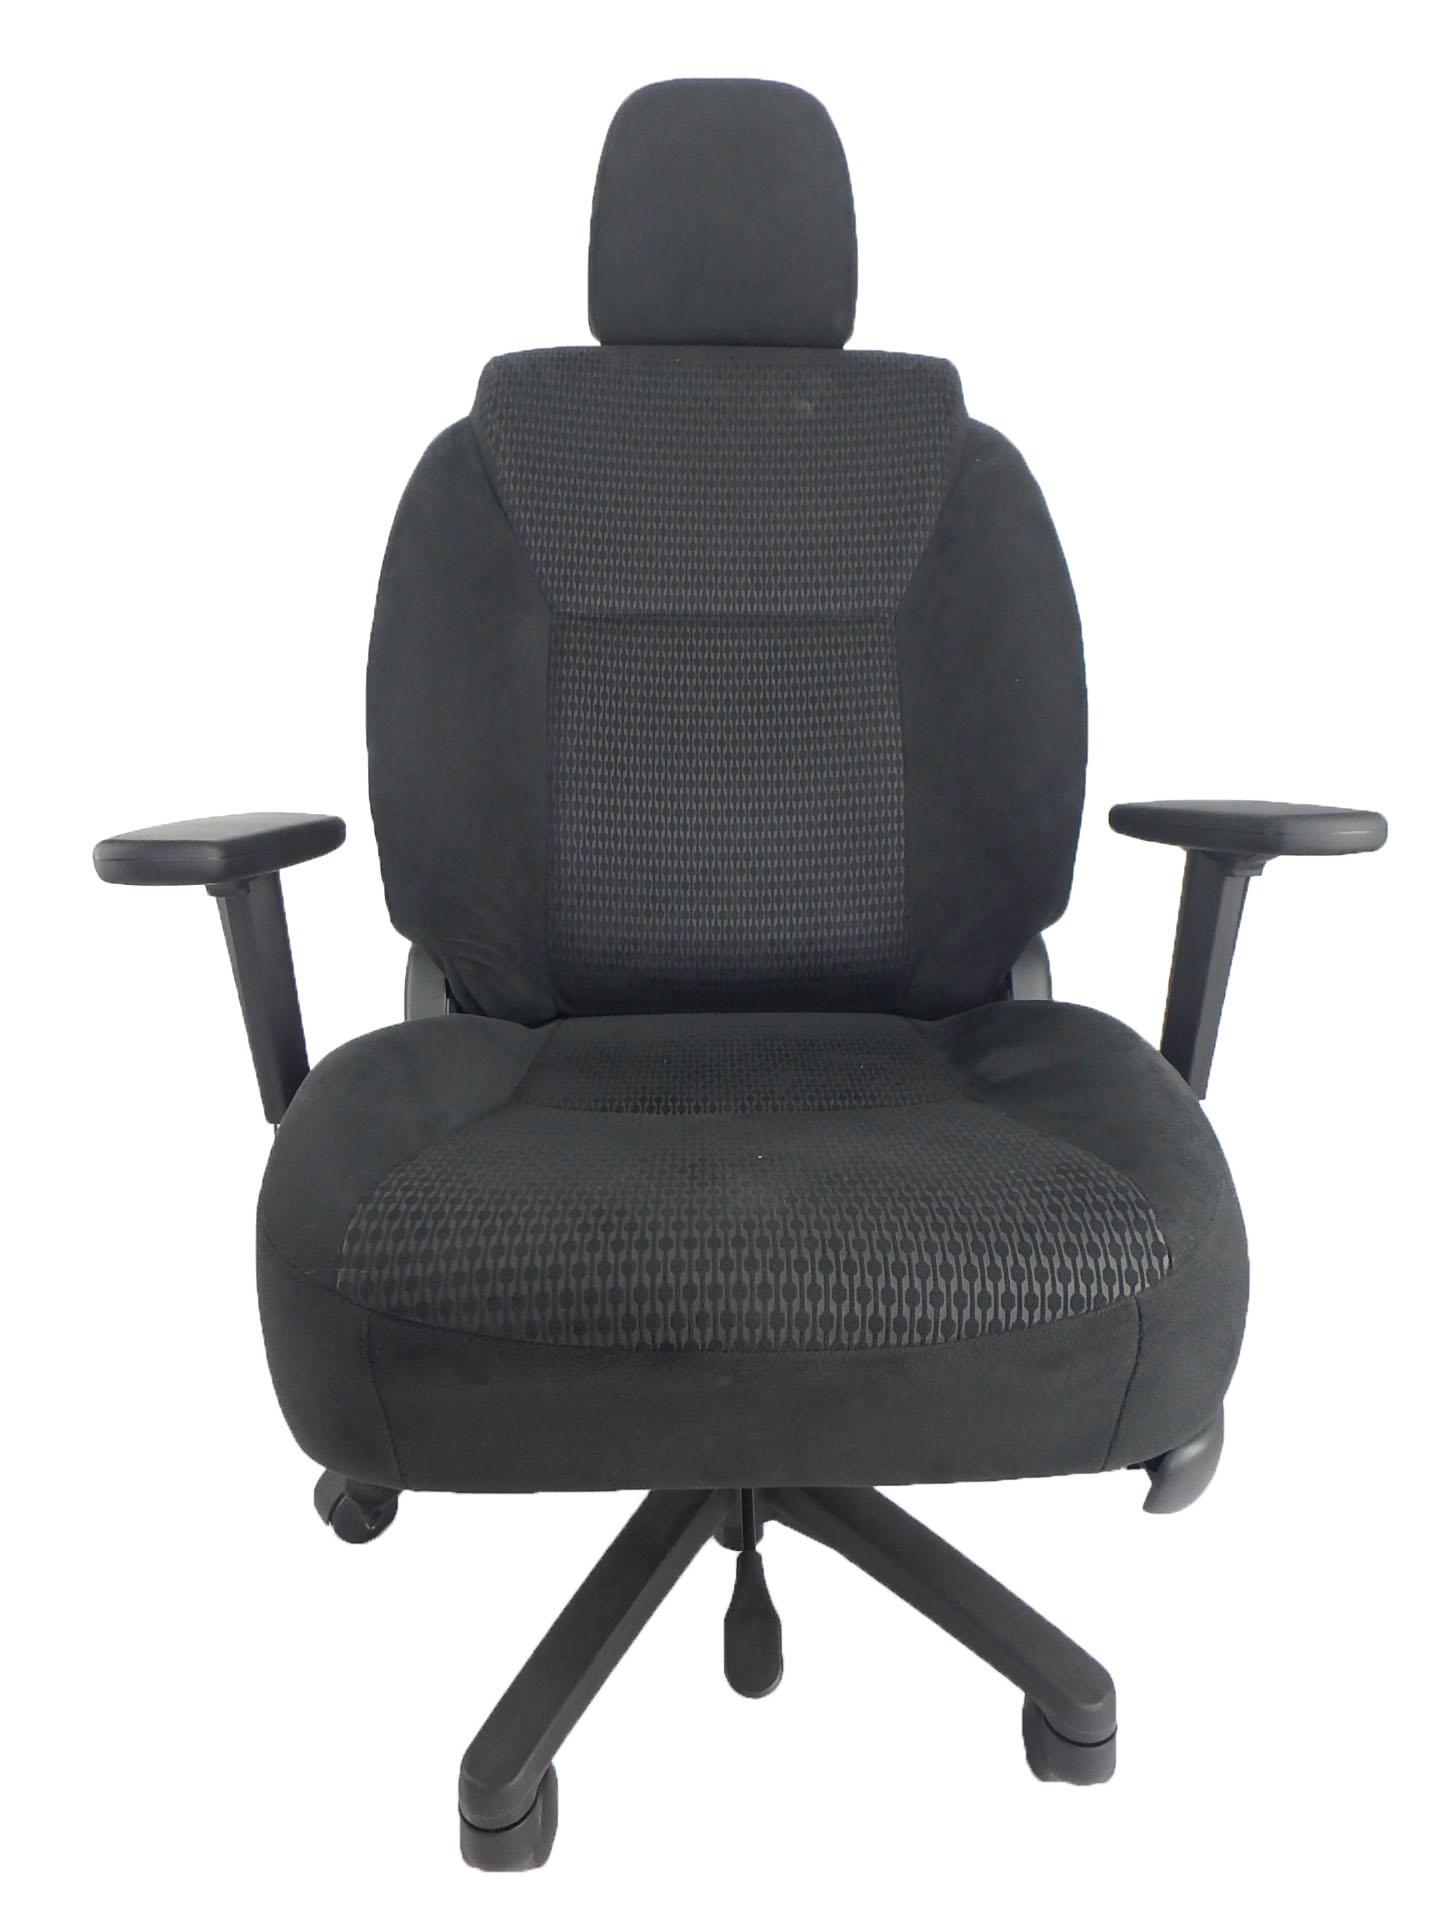 トヨタ カローラフィールダー ZRE142★自動車シートがリクライニングチェアー(デスクチェア)に、環境と健康に優しい椅子。柔らかな座り心地